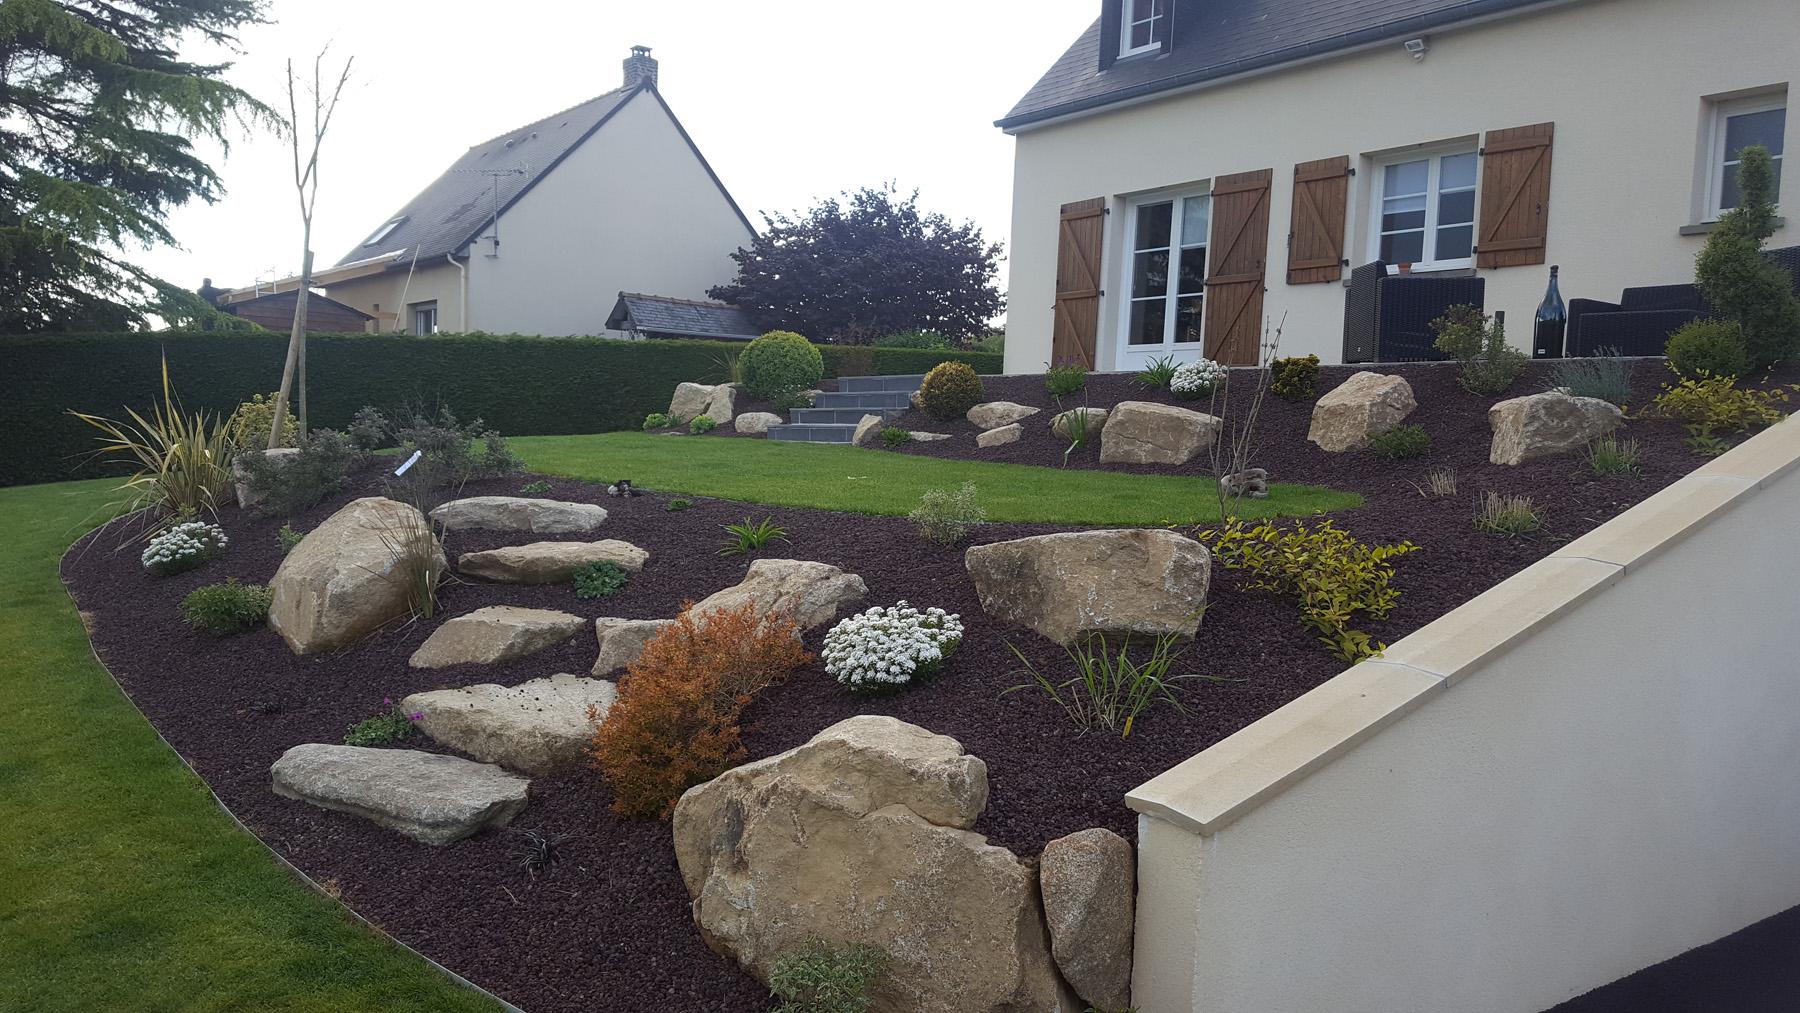 Rocaille De Jardin - Plante De Rocaille | Paysages Conseil intérieur Comment Faire Son Jardin Paysager